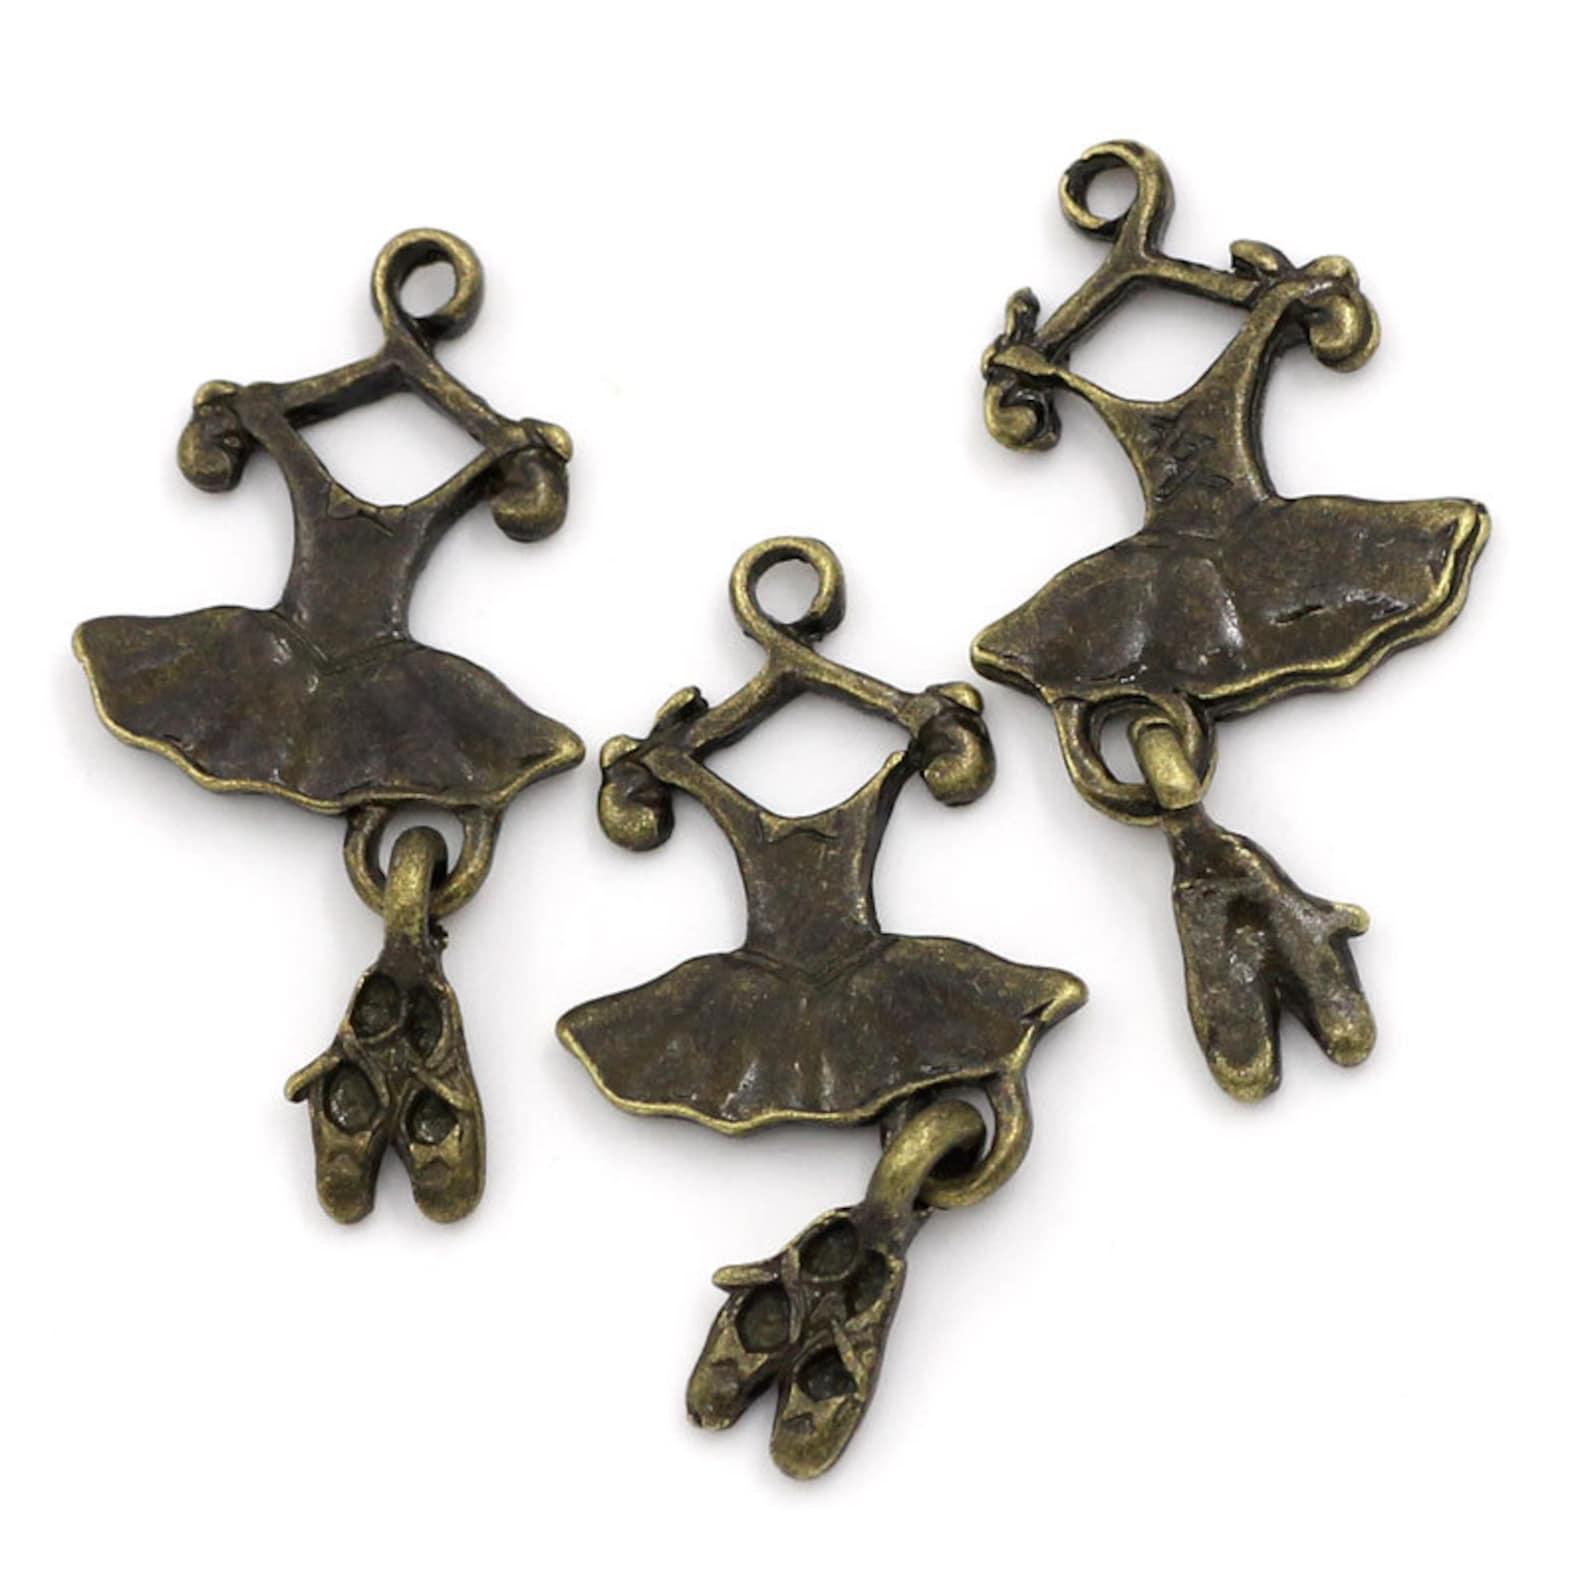 5 pieces antique bronze ballet dress & shoes charms